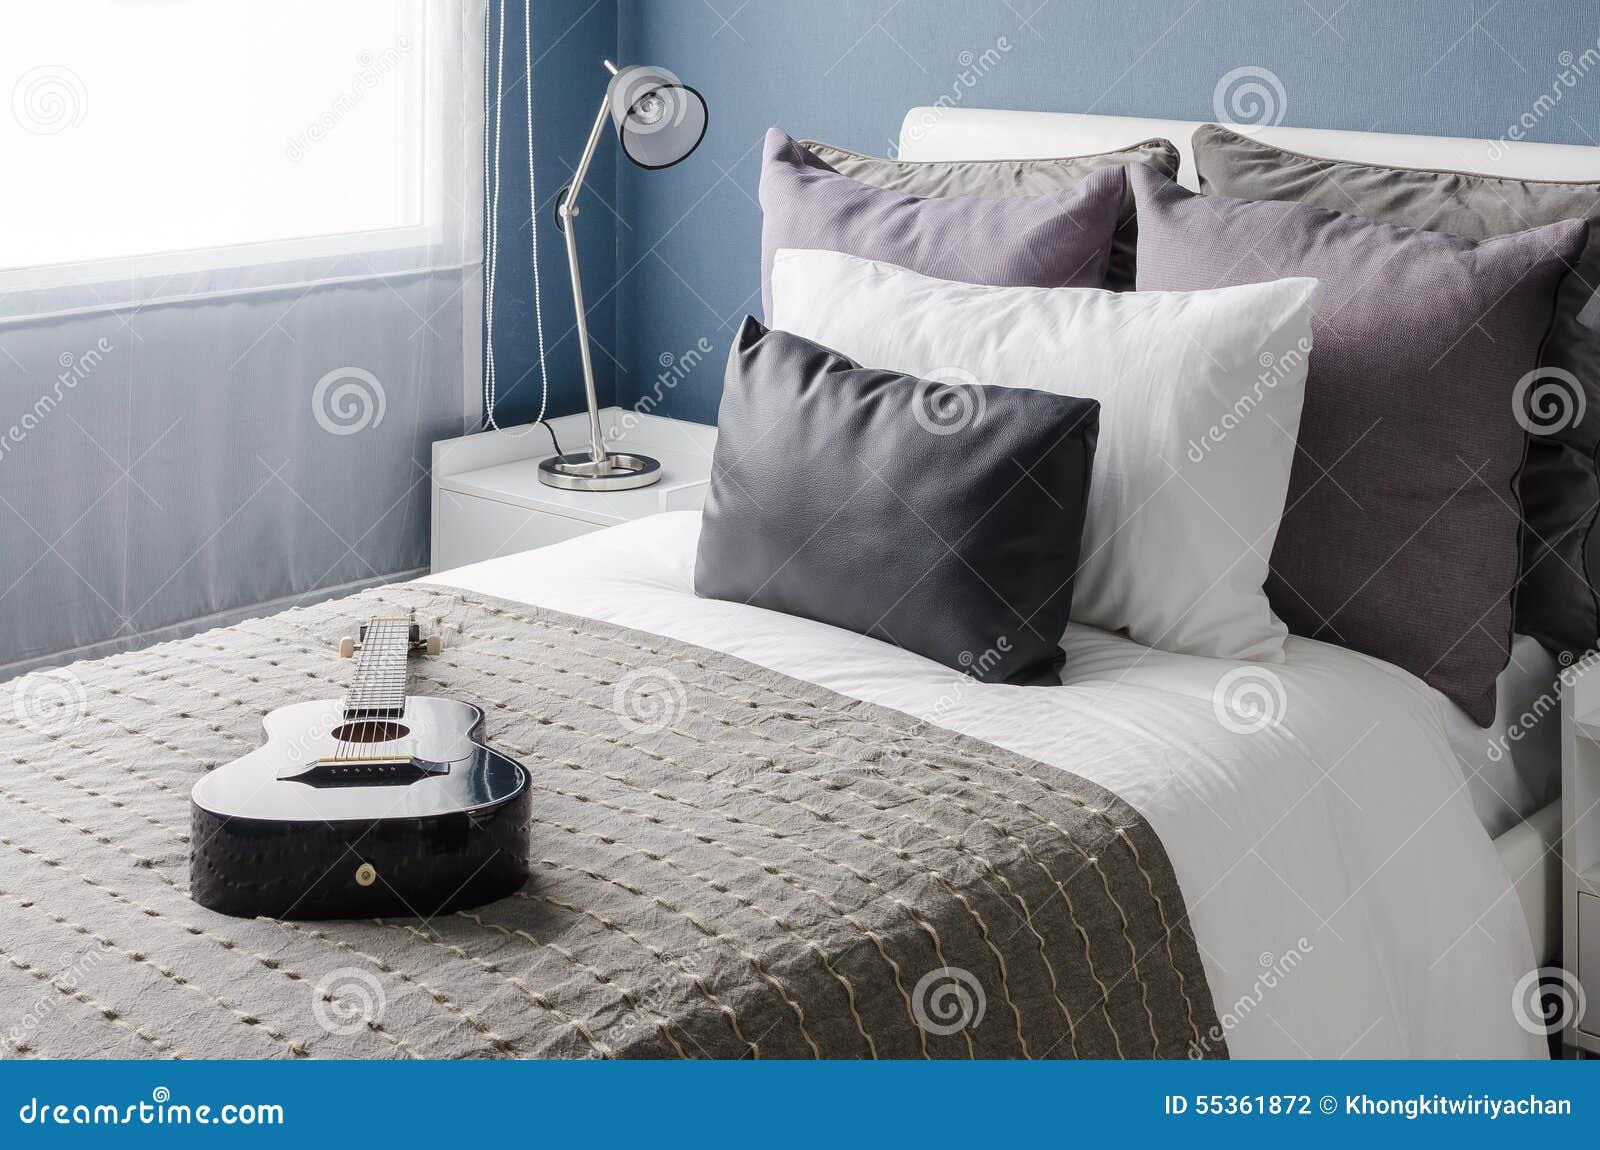 Lampada nera moderna sulla tavola bianca in camera da letto